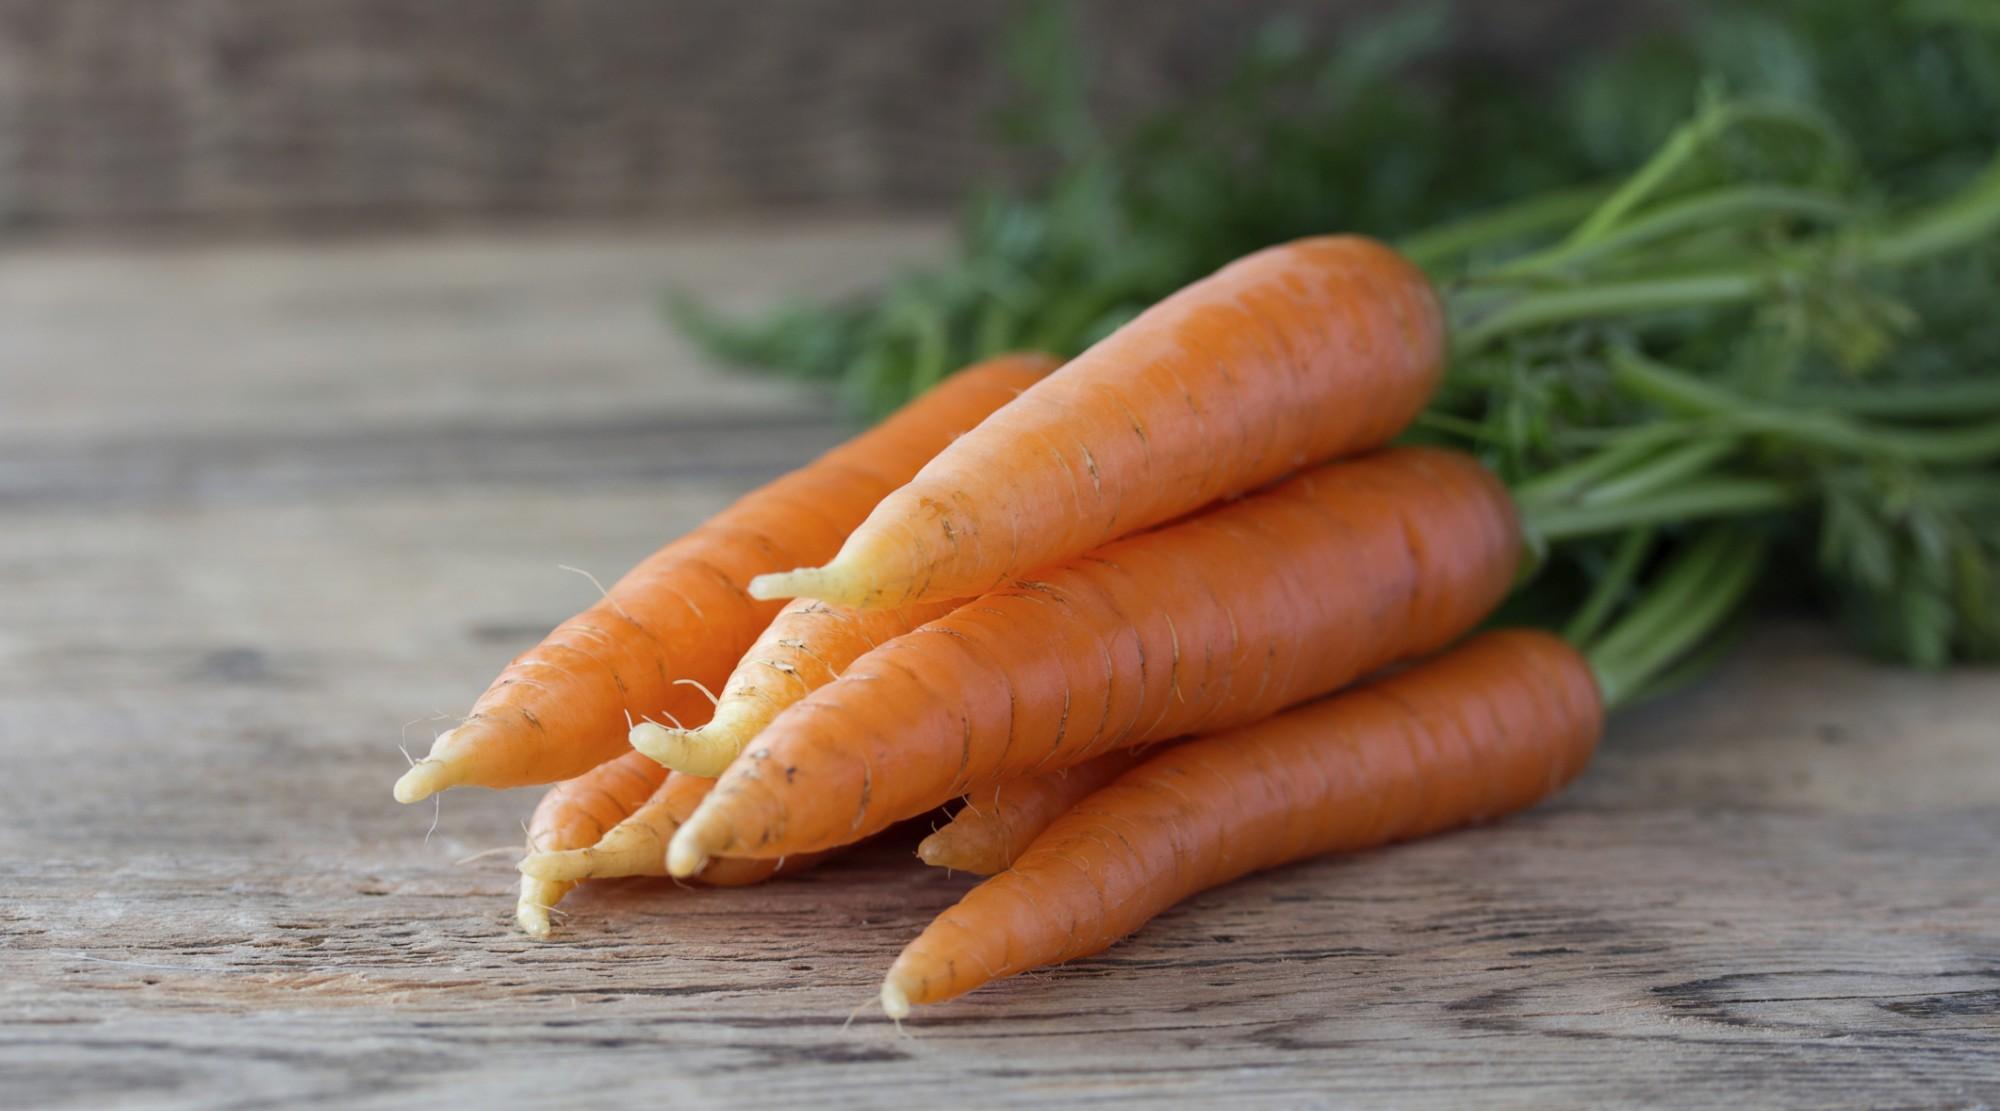 خواص هویج برای سلامتی و آشنایی با انواع هویج